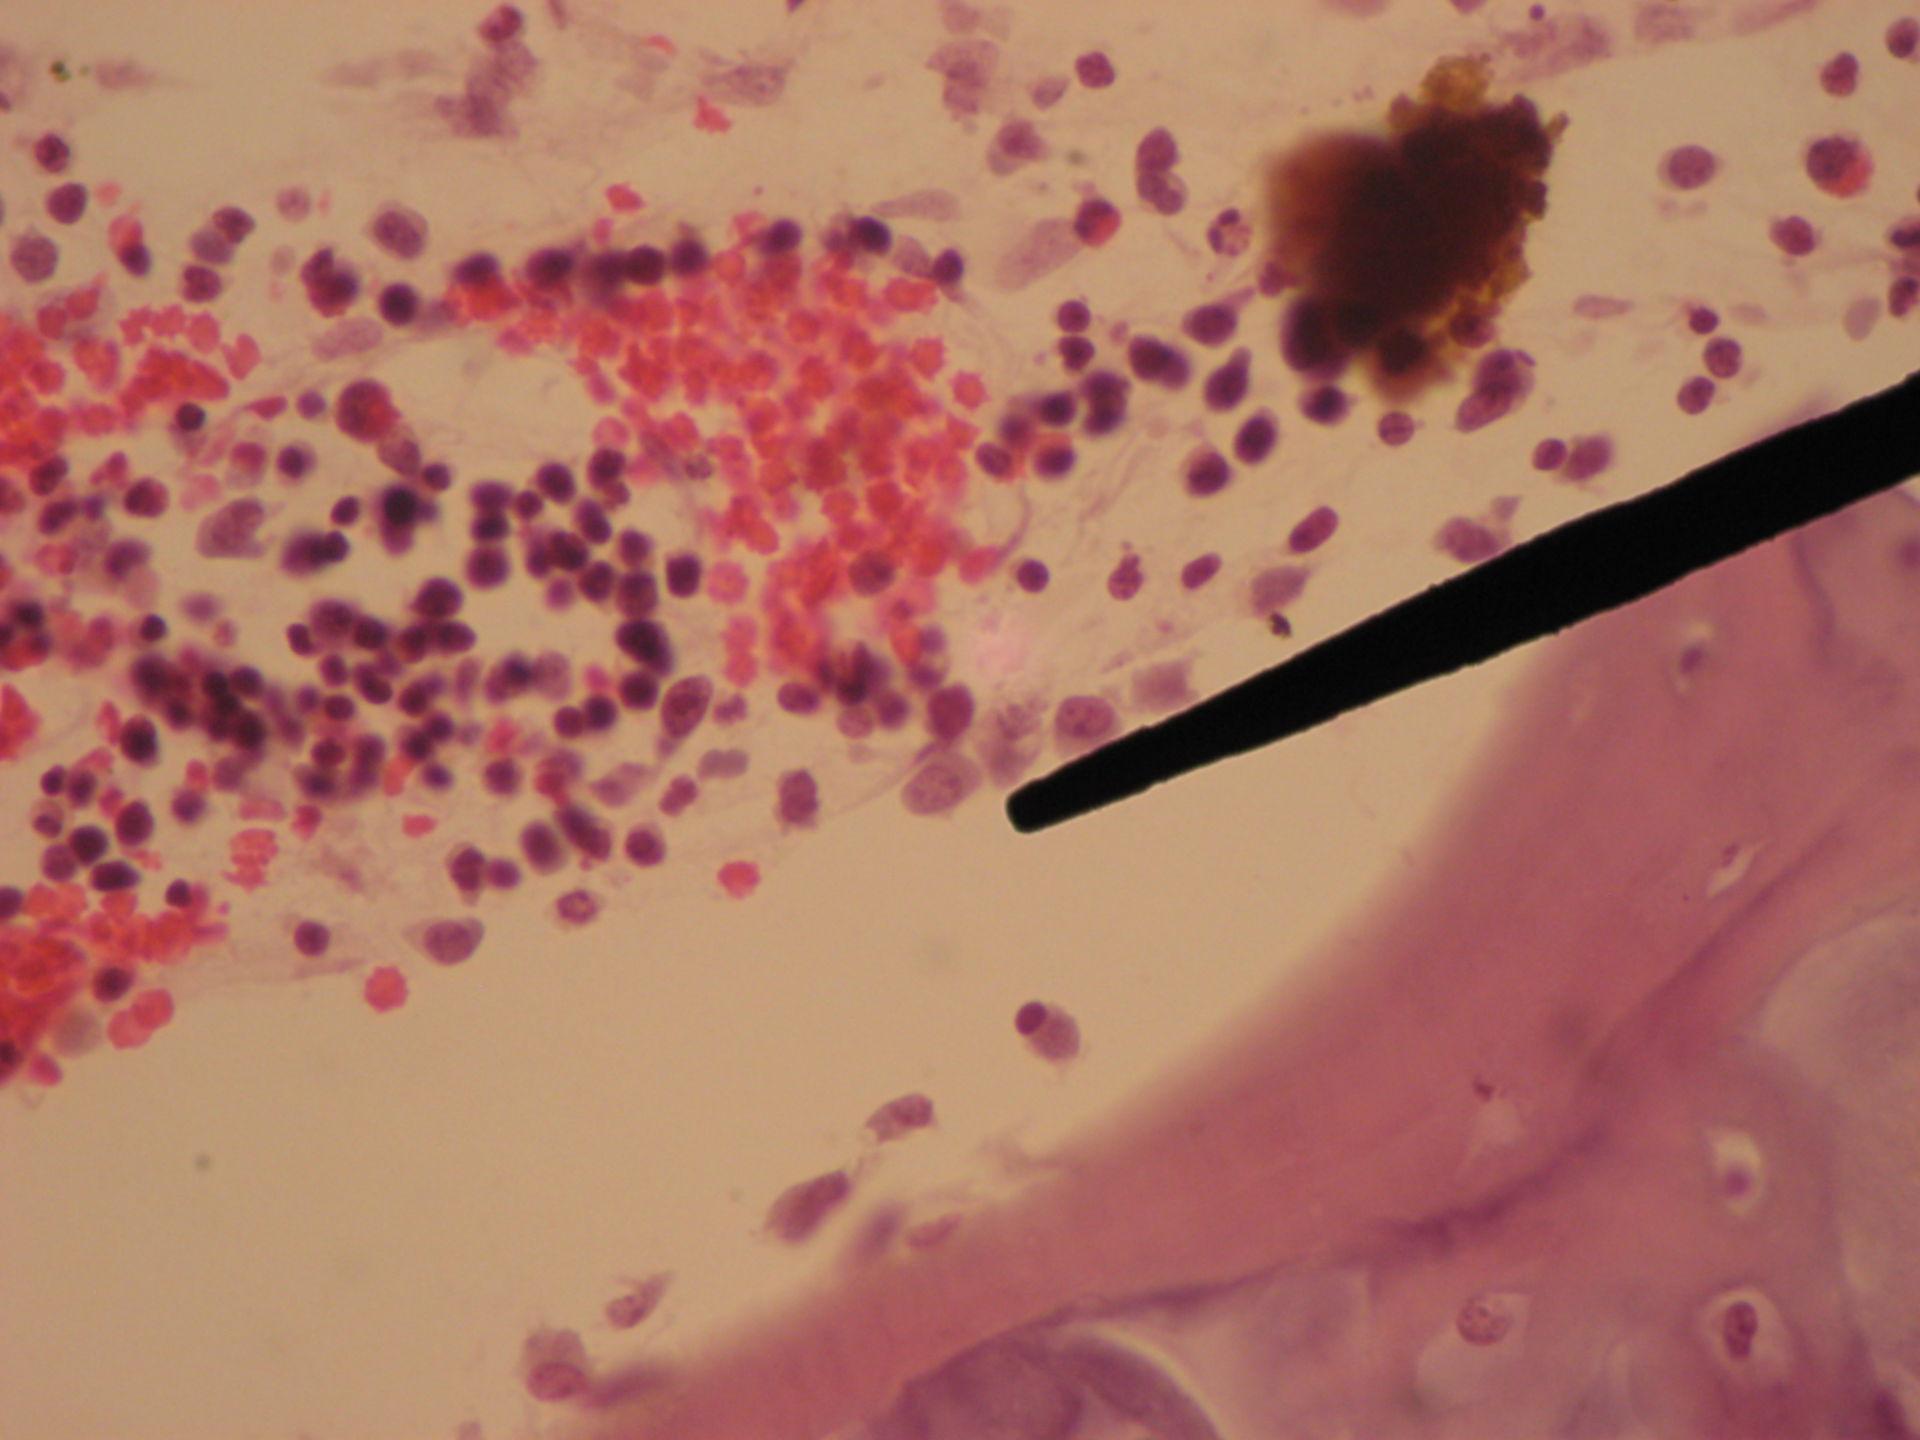 Rotes Knochenmark eines Schweinefetus (4) - Makrophage